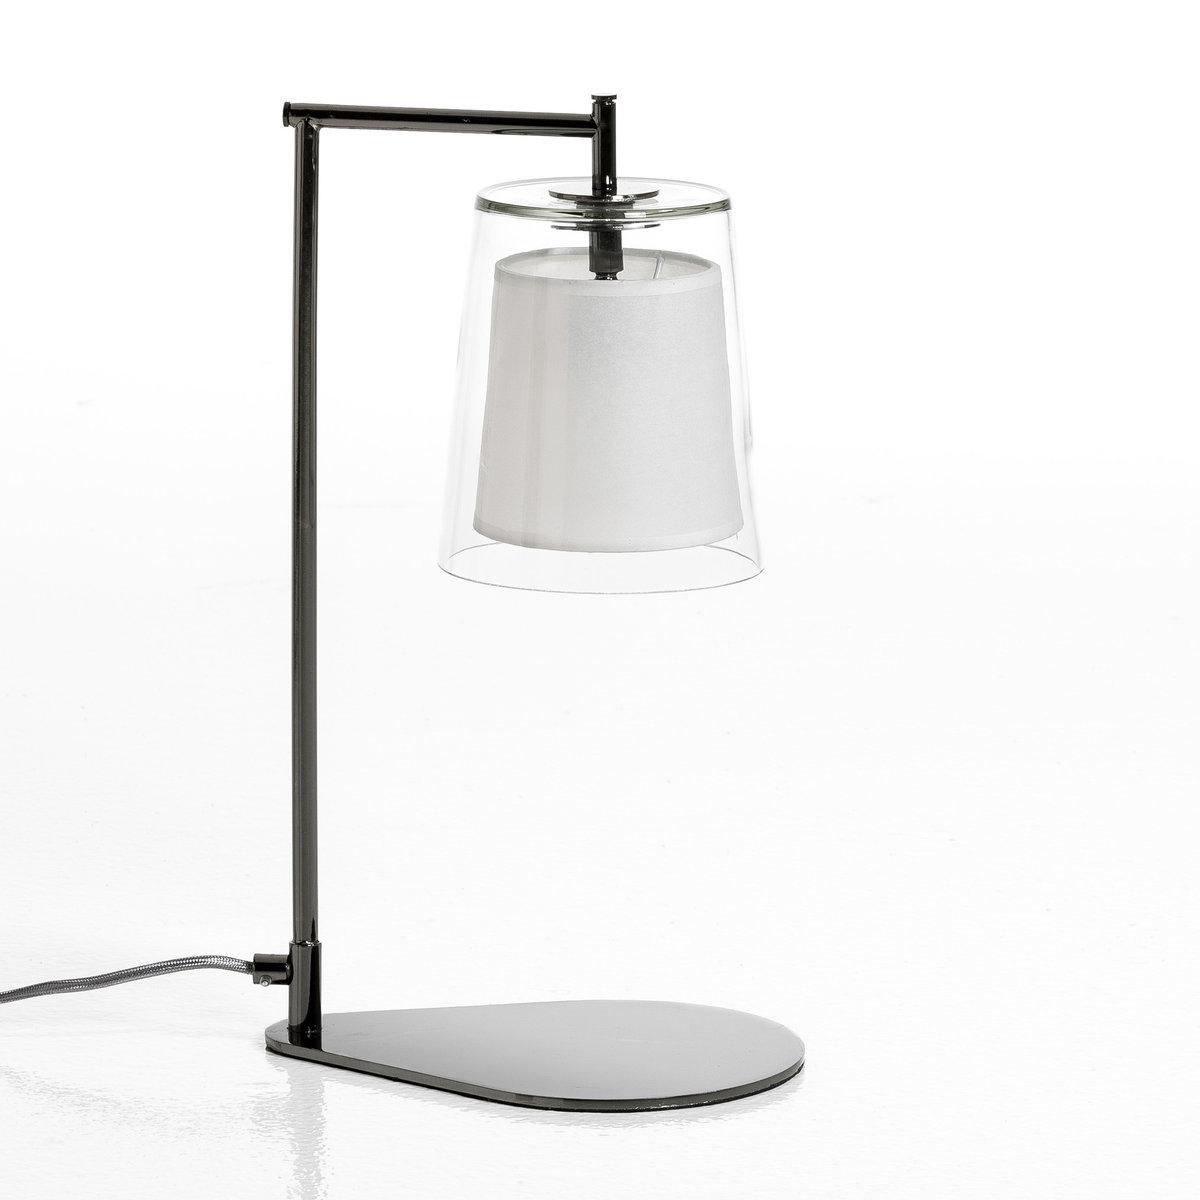 Лампа настольная Duo дизайн Э. ГаллиныЛампа настольнаяDuo . Эксклюзивная разработка Emmanuel Gallina для AM.PM    . В этой коллекции размеры изделий адаптированы для маленьких и больших пространств, они добавят яркую нотку в ваш интерьер. Коллекция светильников DUO всегда сочетает колпак из стекла с абажуром из бумаги кальки, рассеивающей свет, что создает уютную и приятную атмосферу .Характеристики : - Абажур из цветного стекла и кальки . - Ножка из хромированного металла . - Патрон E14. - Флюокомпактная лампочка макс 11 W, не входит в комплект. - Совместима с лампочками электрического класса  A.     Размеры : - Абажур ?15 x Выс17,3 см . - Низ .24,5 x .17 см. - Общая высота 44 см .<br><br>Цвет: прозрачный